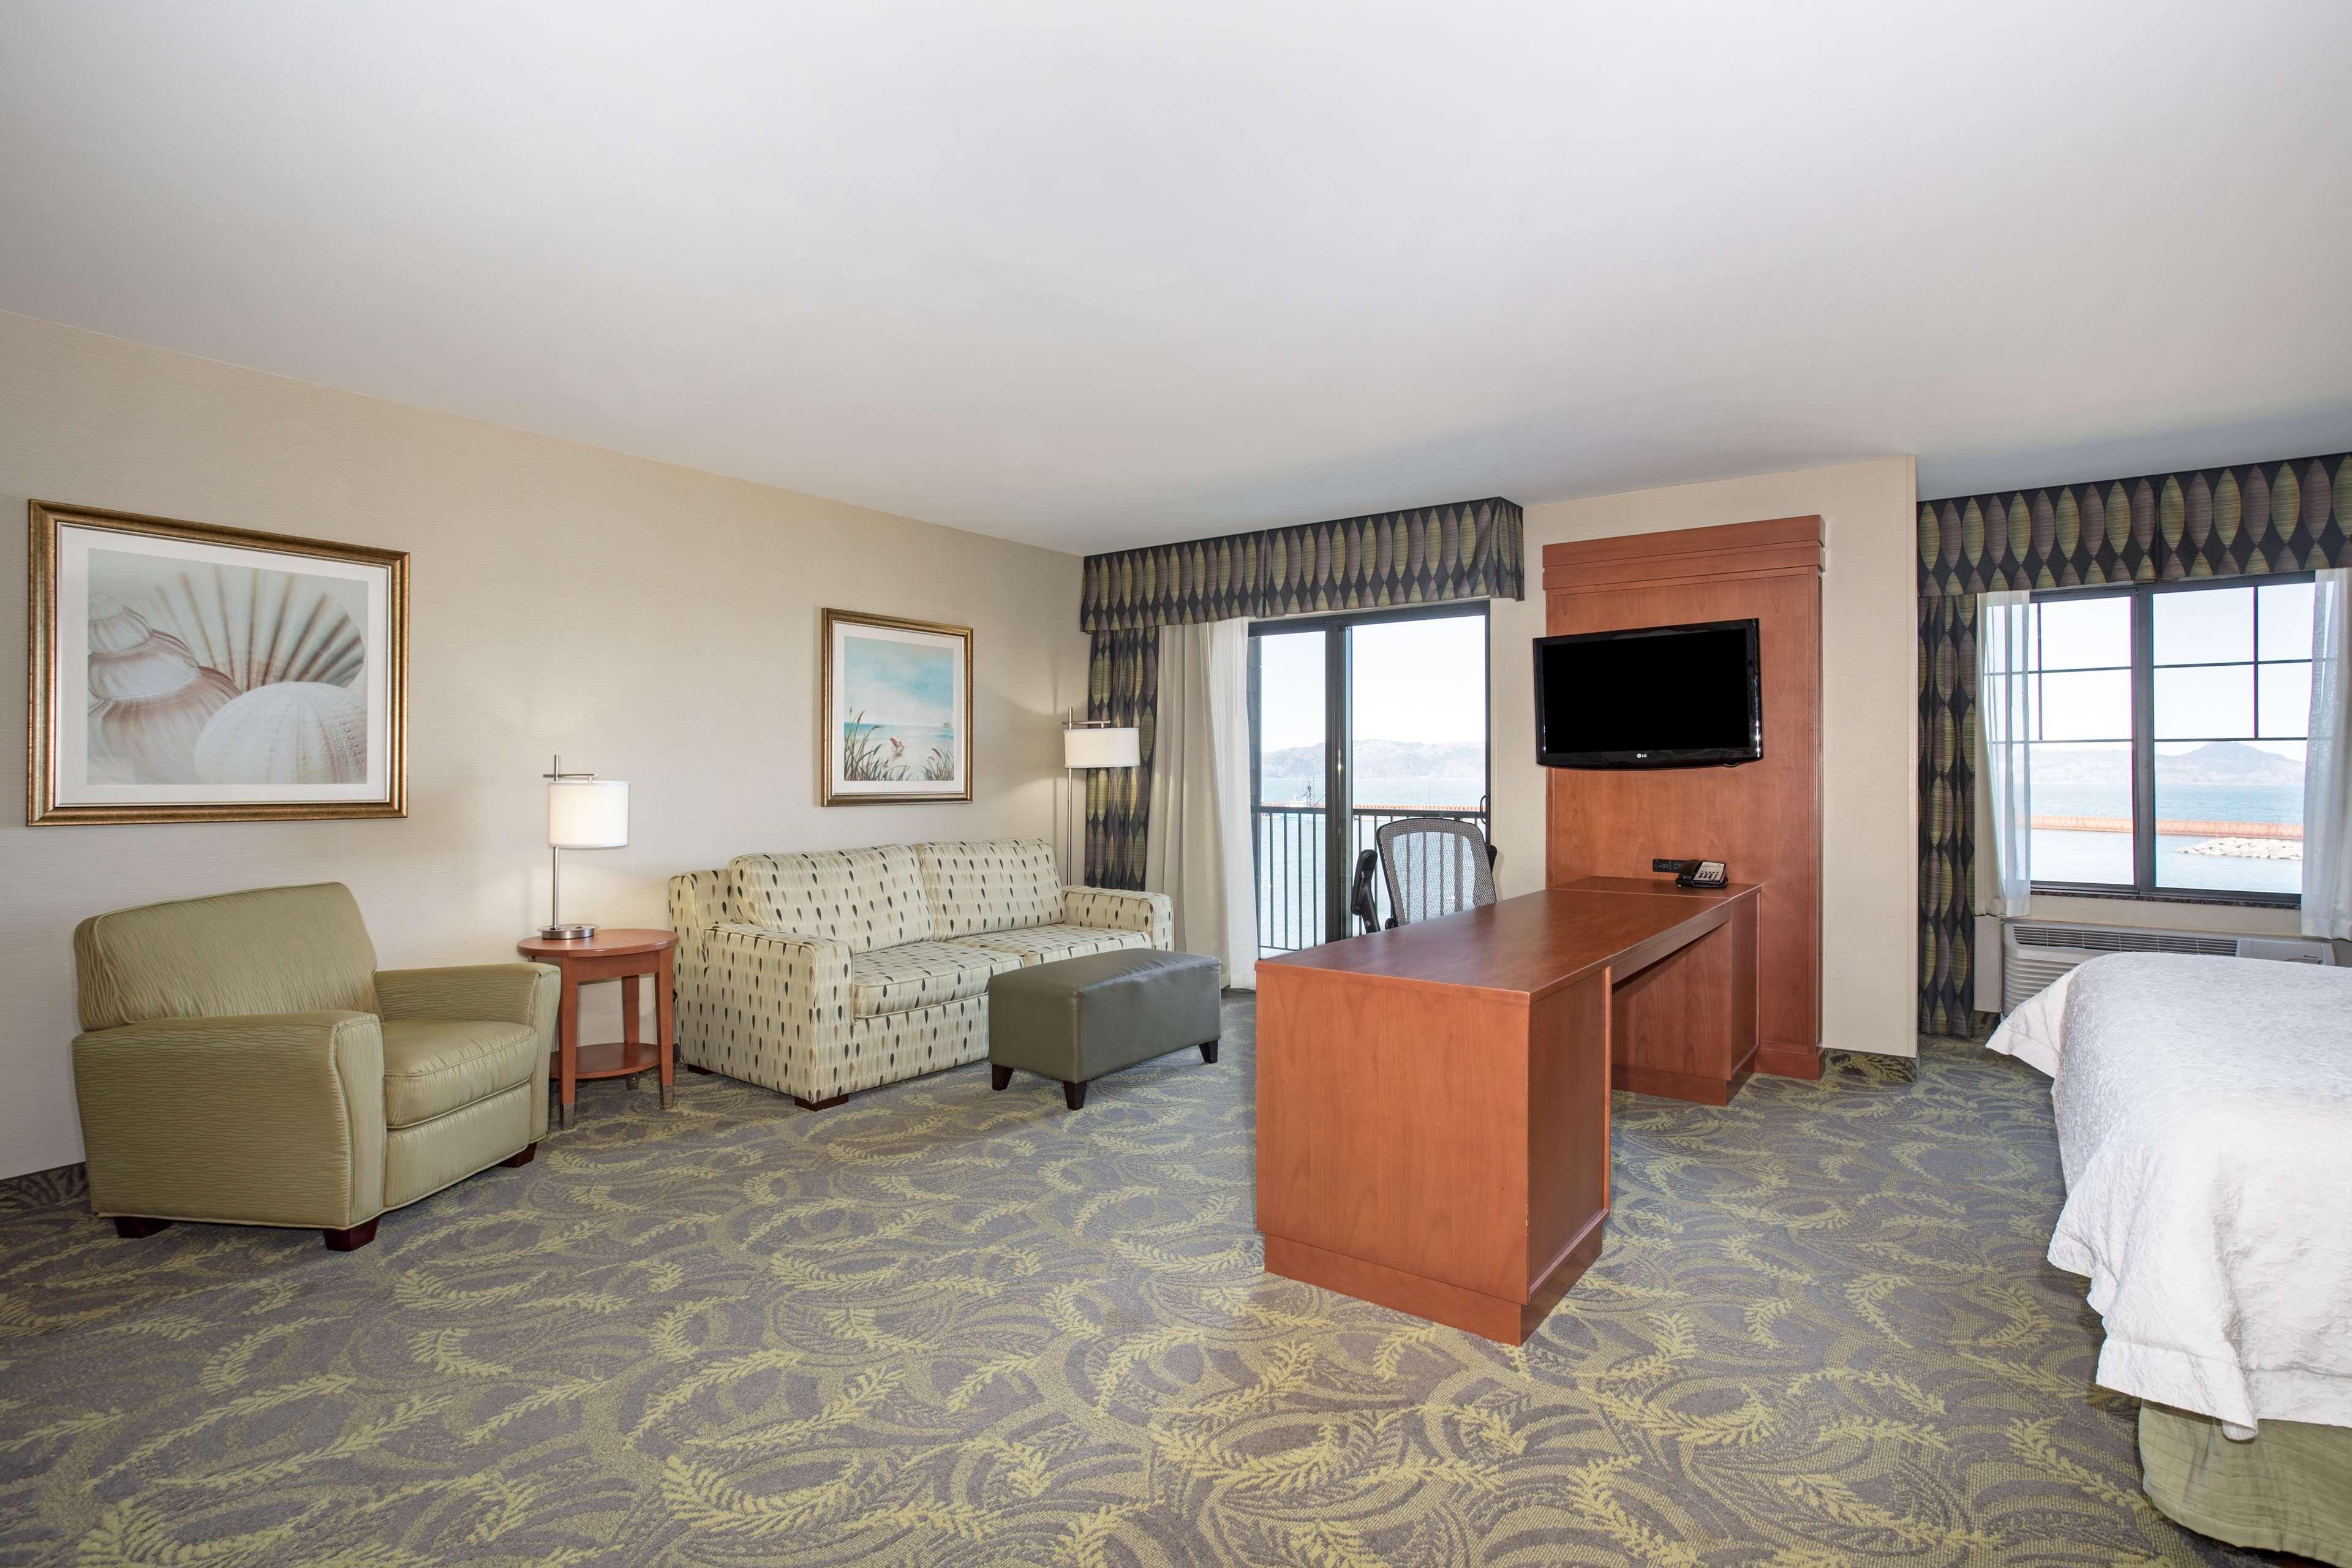 Hampton Inn & Suites Astoria image 52